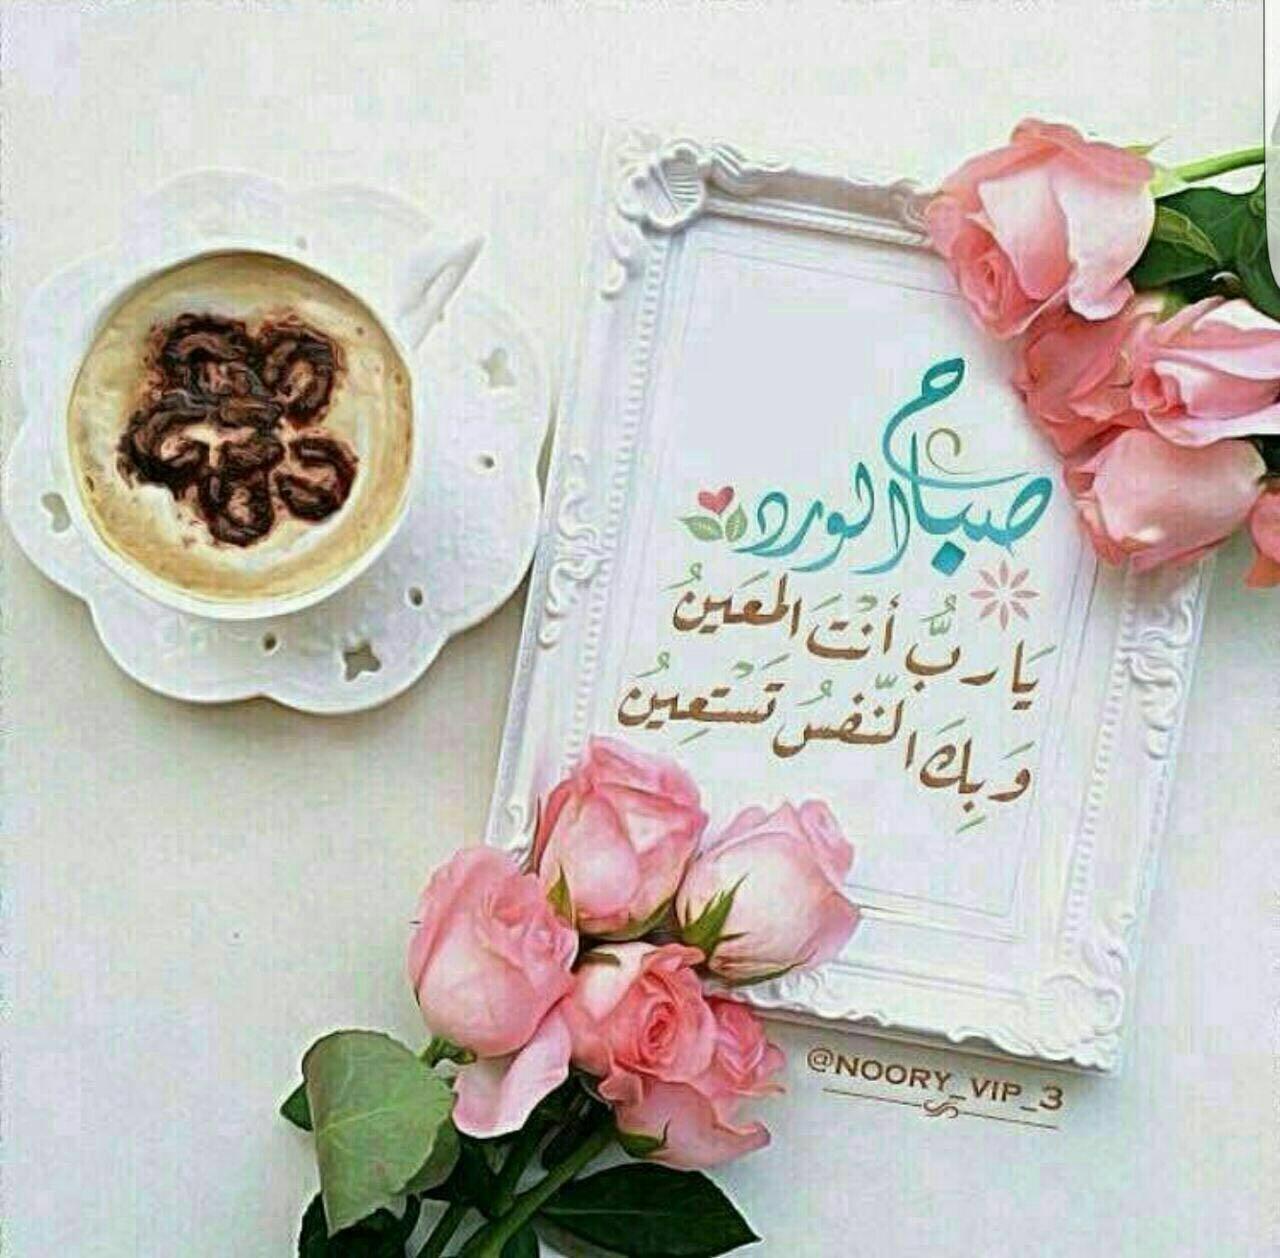 صورة صور صباح الخير اسلامية , اجمل الصور الدينيه لصباح الخير